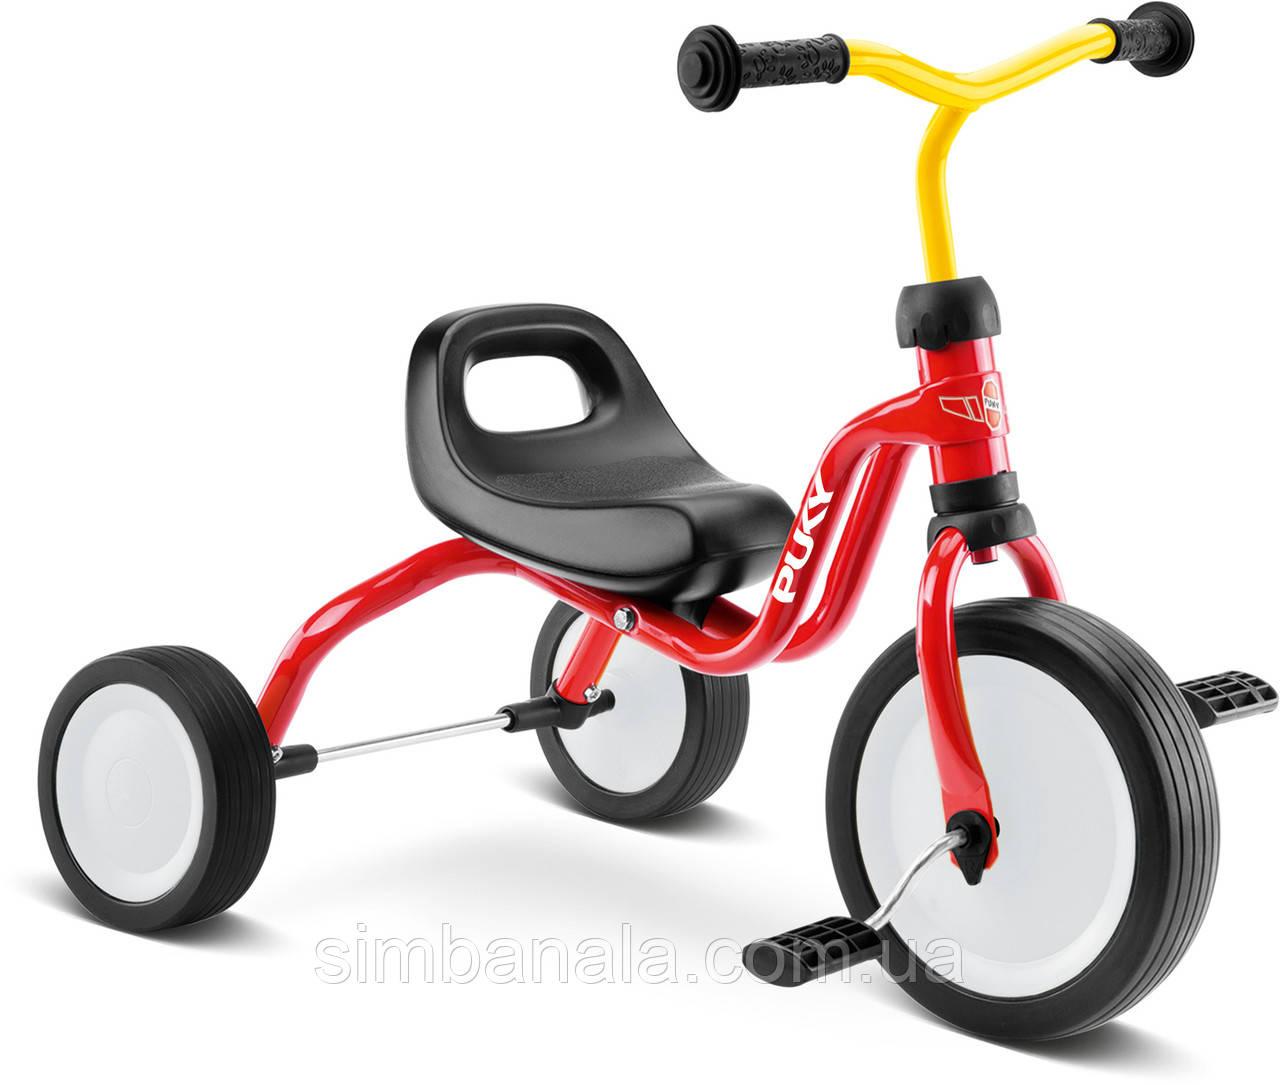 Детский трехколесный велосипед Puky Fitsch, Германия